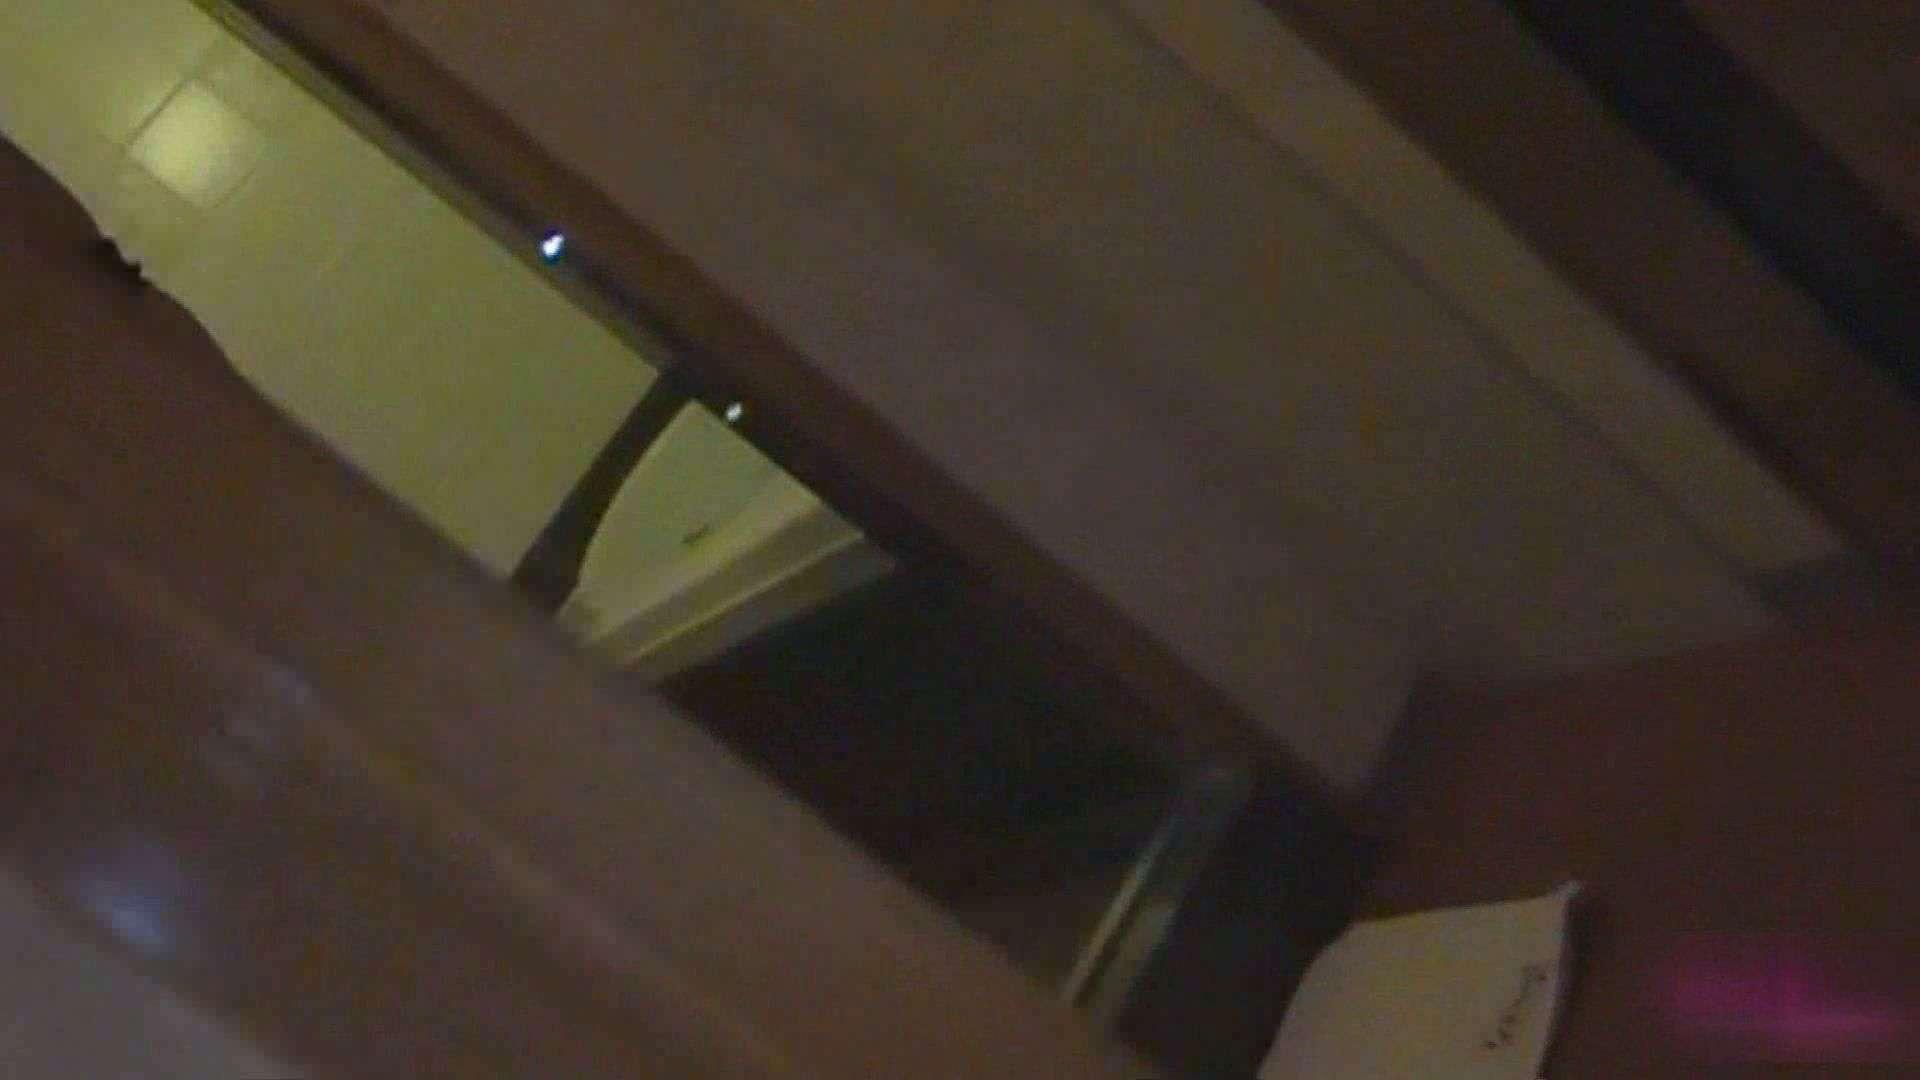 変態ギャル姫のH Vol.15 前編 すけべなキャバ嬢 濡れ場動画紹介 92画像 41